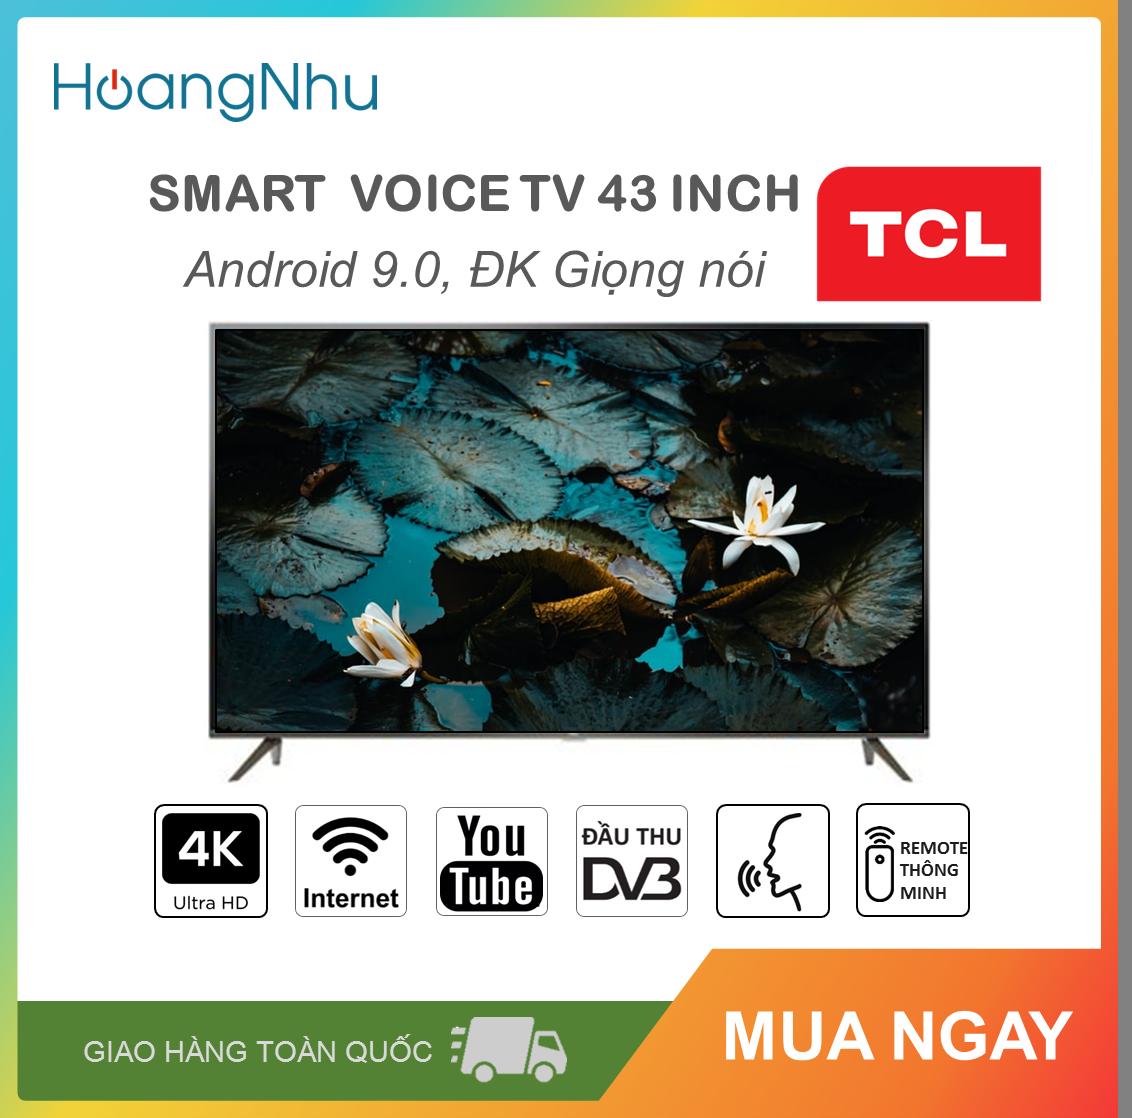 Smart Voice 4K Tivi TCL 43 inch Kết nối Internet Wifi, Điều khiển giọng nói L43P8 (UDH 4K, Android 9.0, Bluetooth, truyền hình KTS, tặng remote thông minh, màu đen)